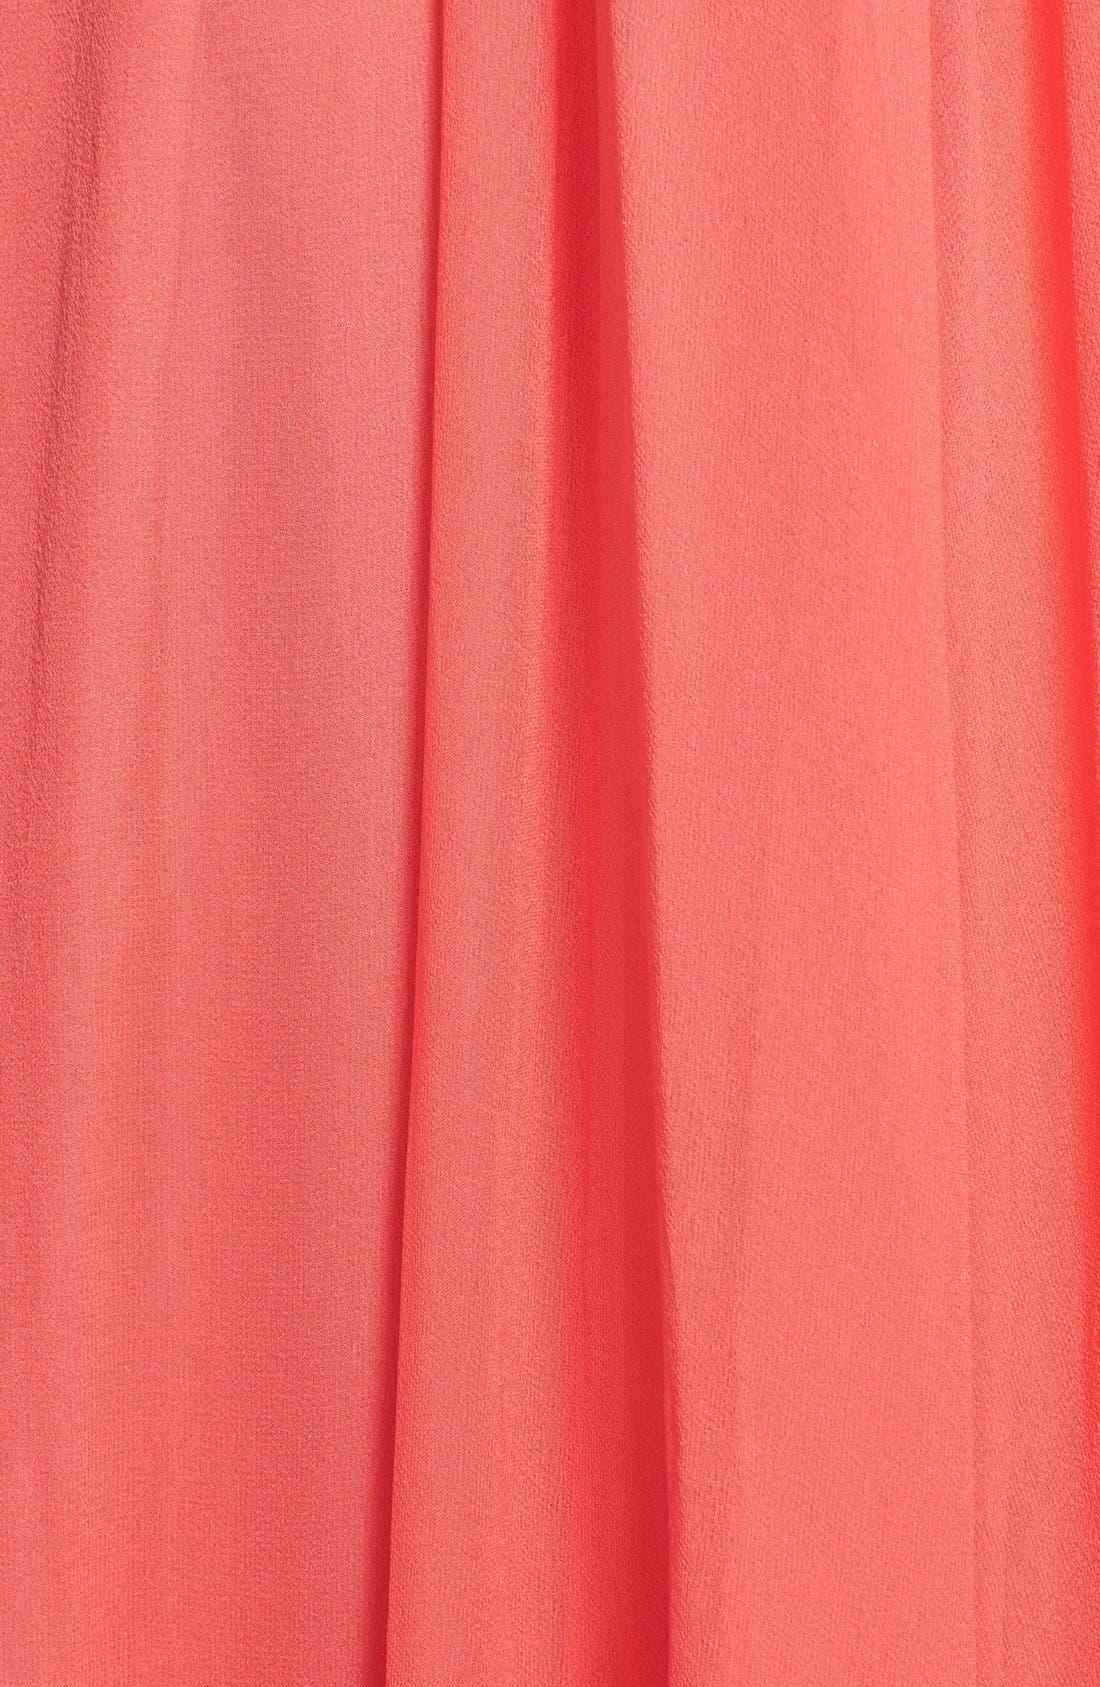 Alternate Image 3  - Jill Jill Stuart Pleat Chiffon Gown